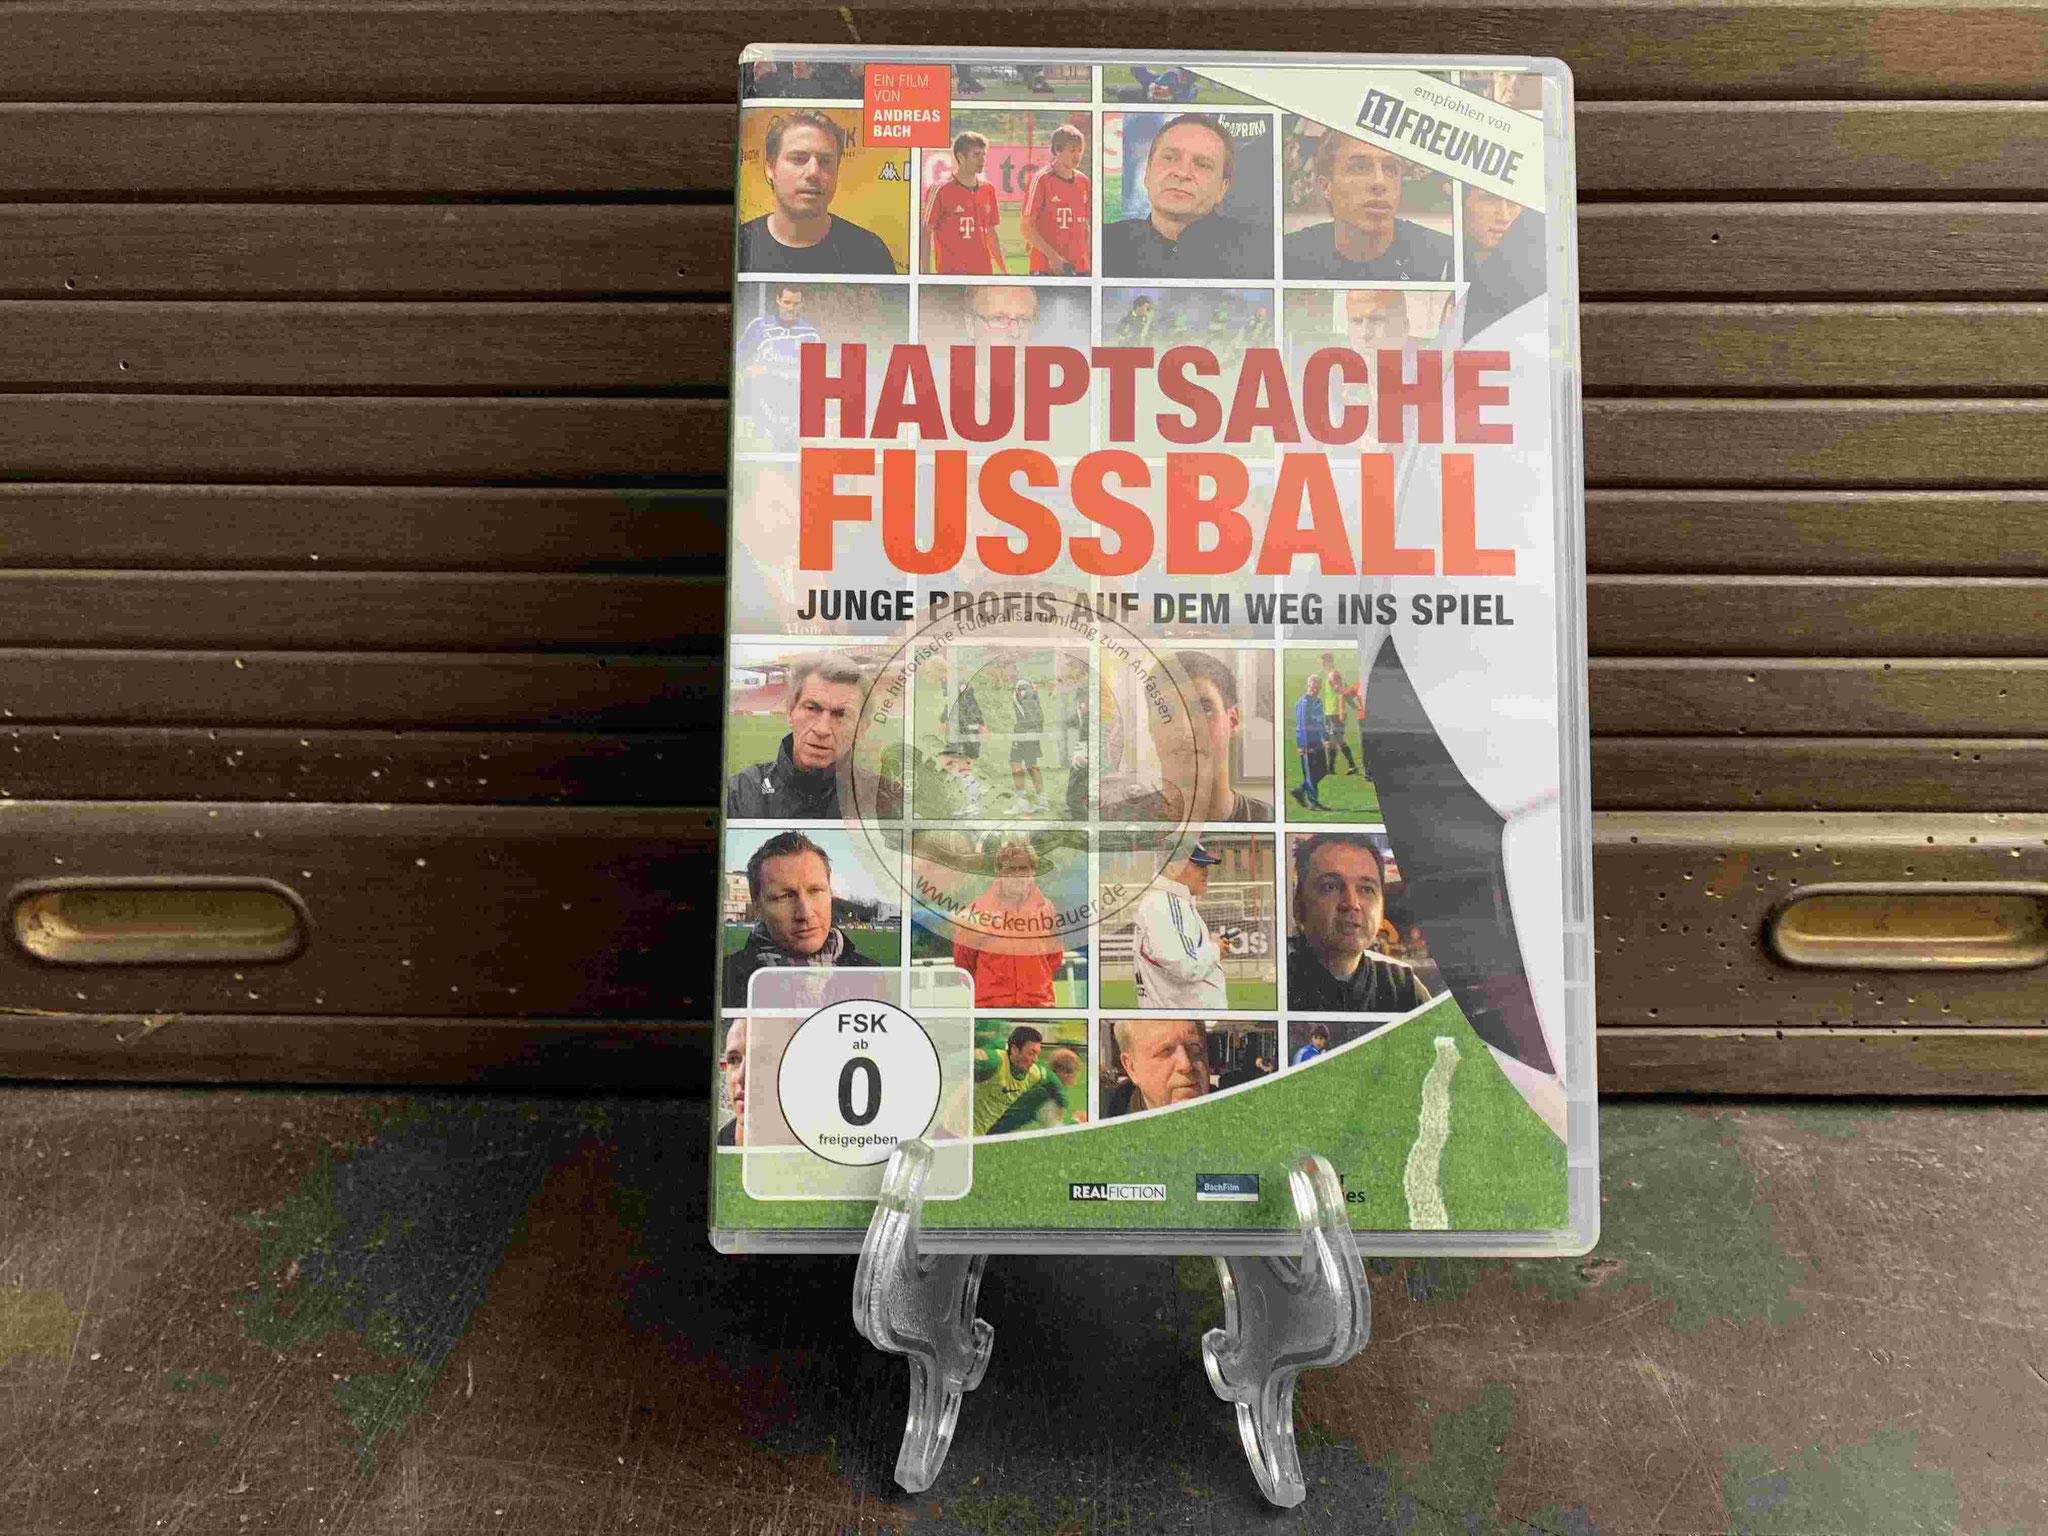 20110325 Hauptsache Fussball Junge Profis auf dem Weg ins Spiel